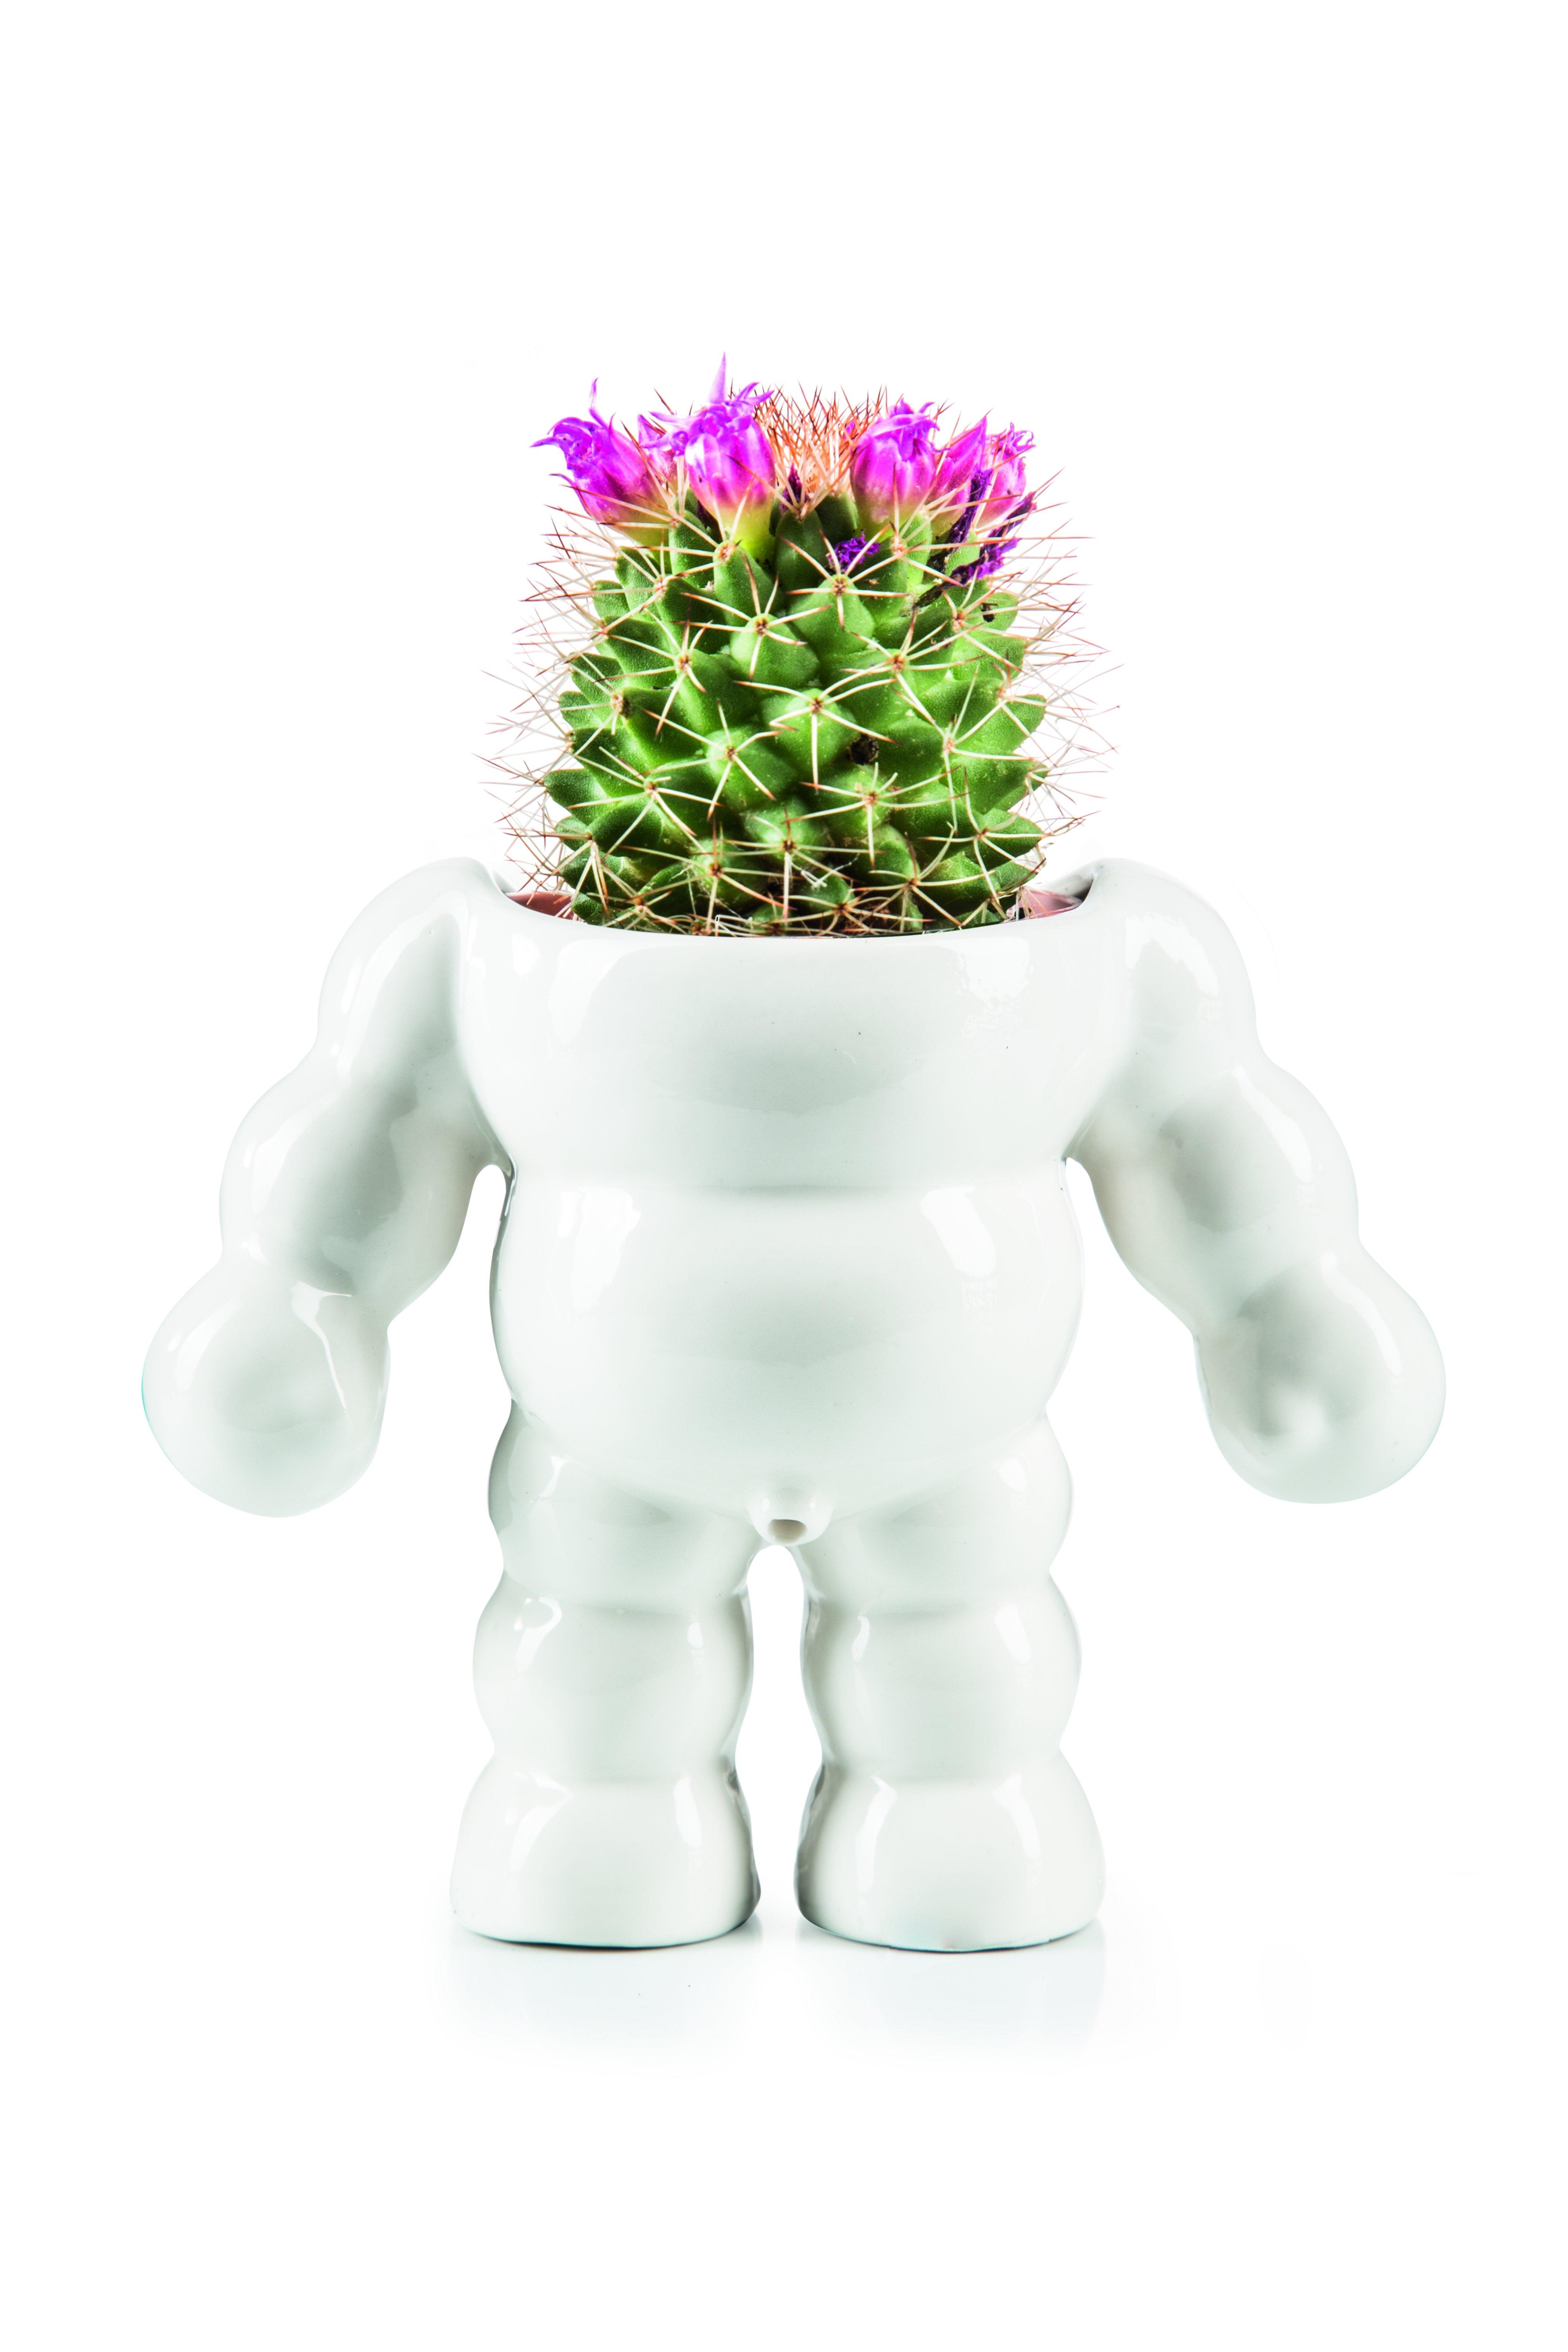 King Cactus - Plant Pot (210770)